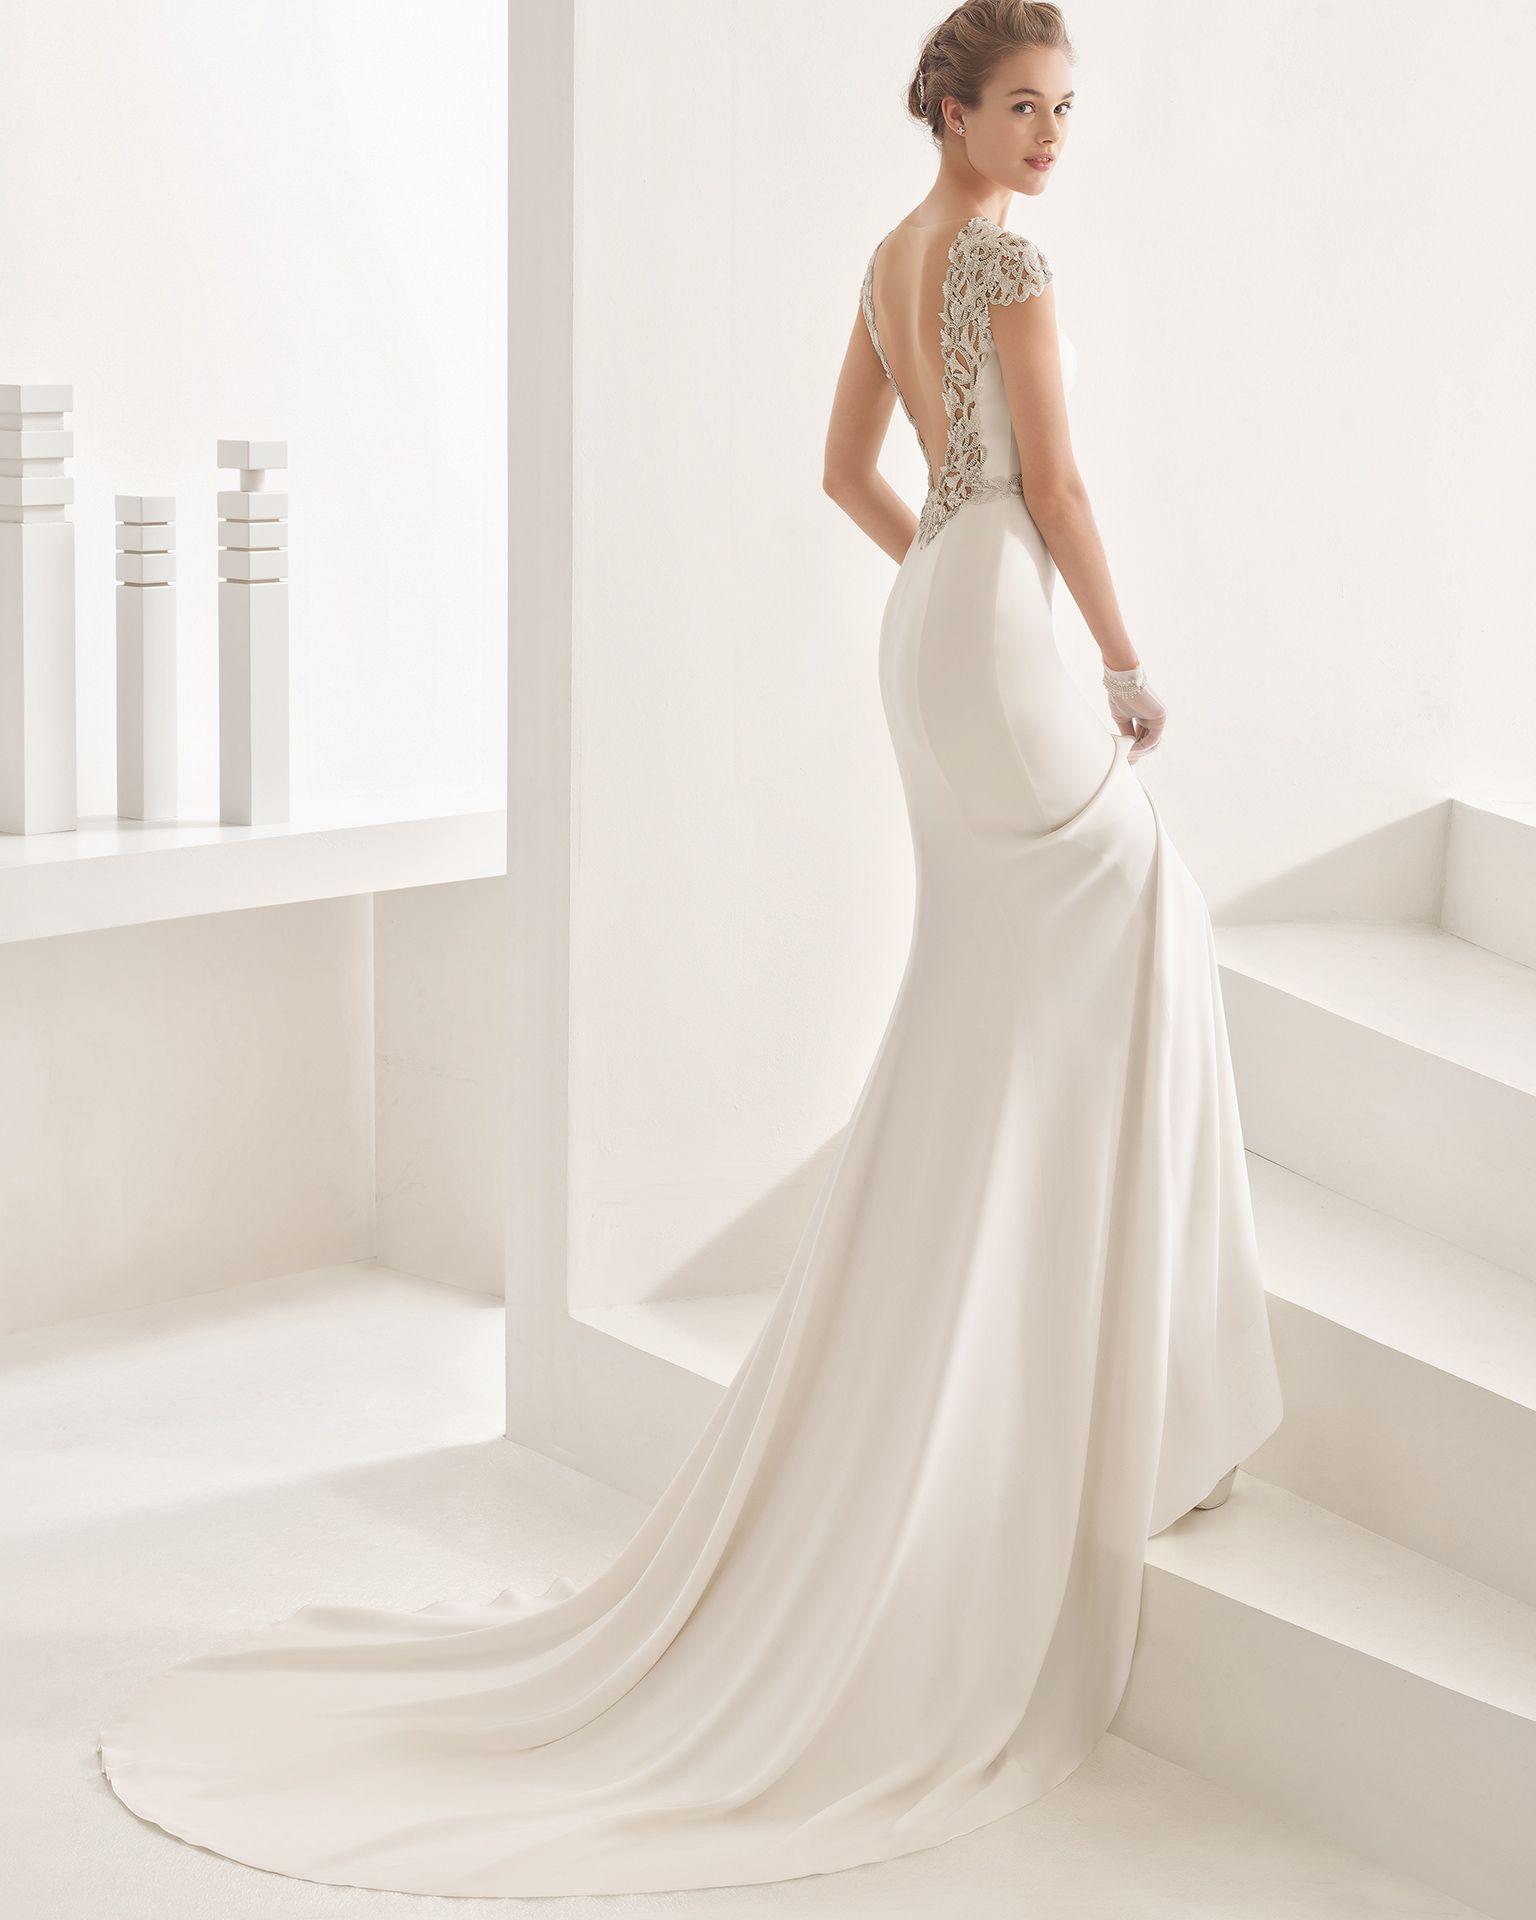 Naira - 2017 Bridal Collection. Rosa Clará. | Brautkleid und Schuhe